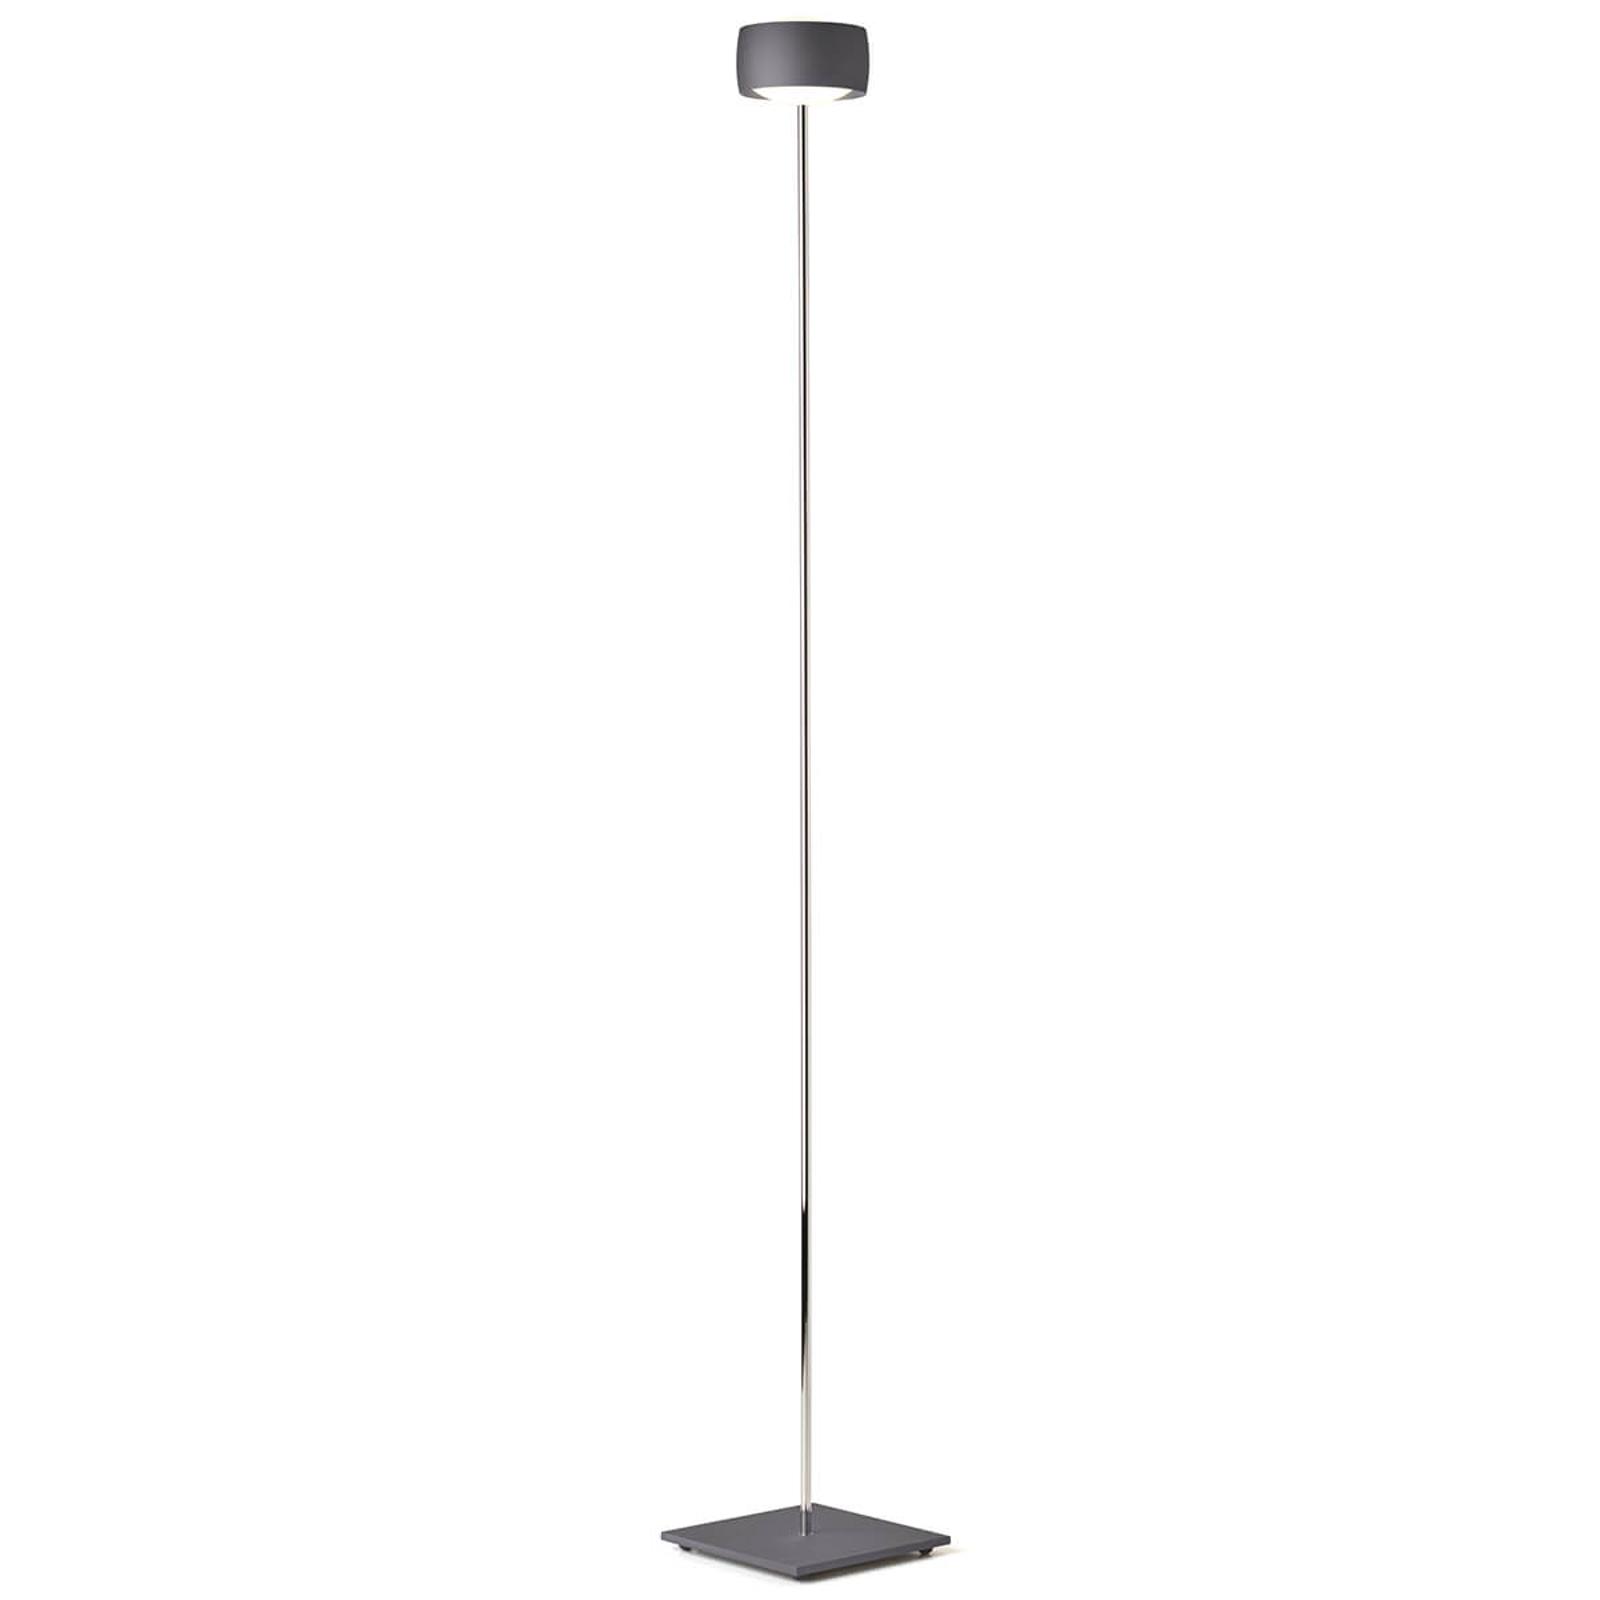 Lampa stojąca LED Grace sterowana gestami, szara